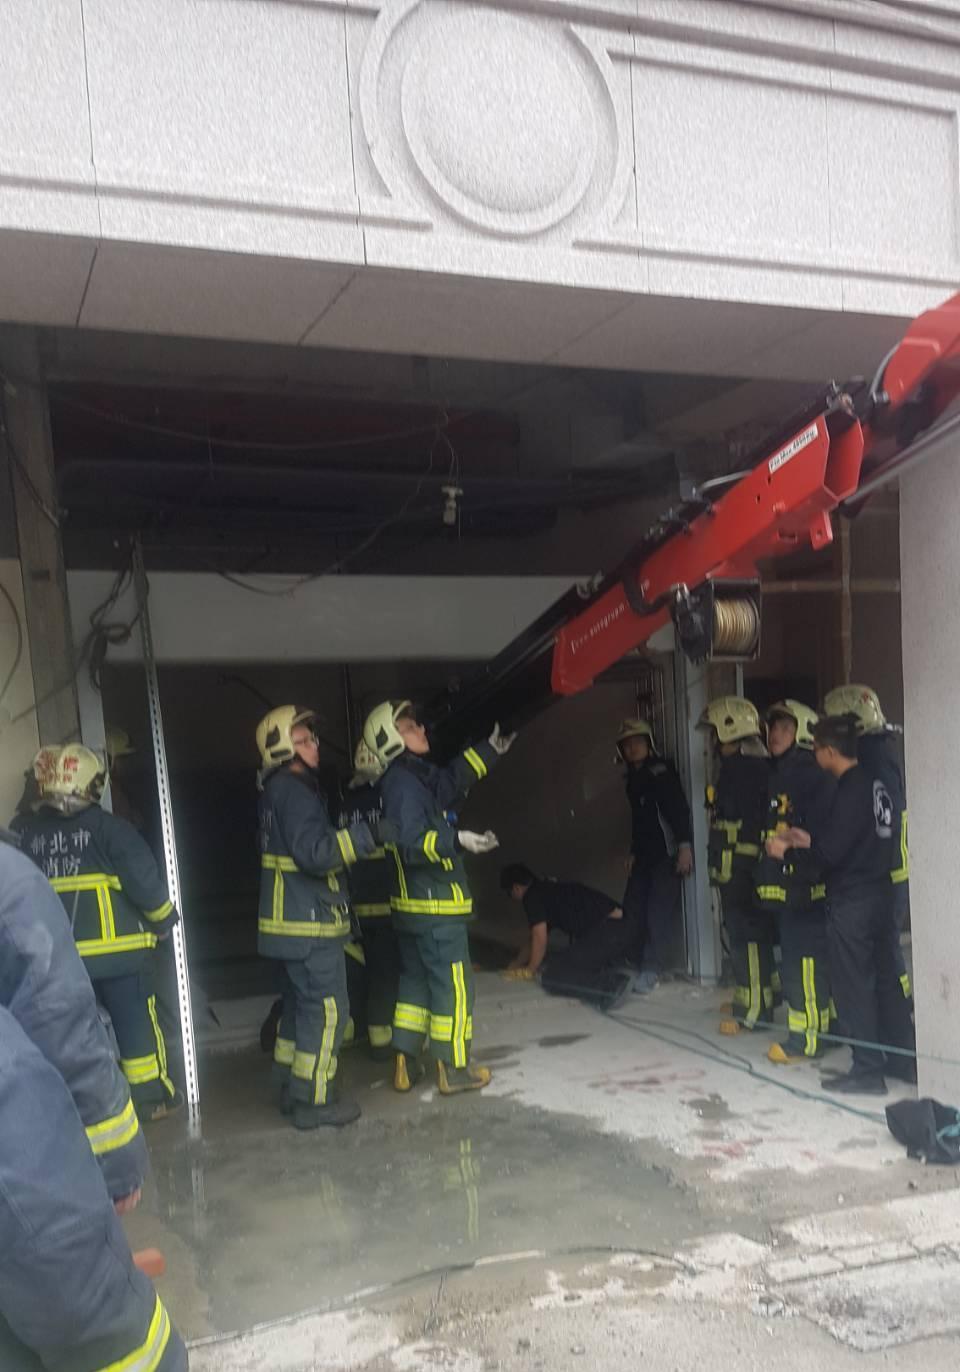 新北市板橋區一處工地今天傳出工安意外,一名工人疑似不慎從一樓墜落至地下2樓,消防...